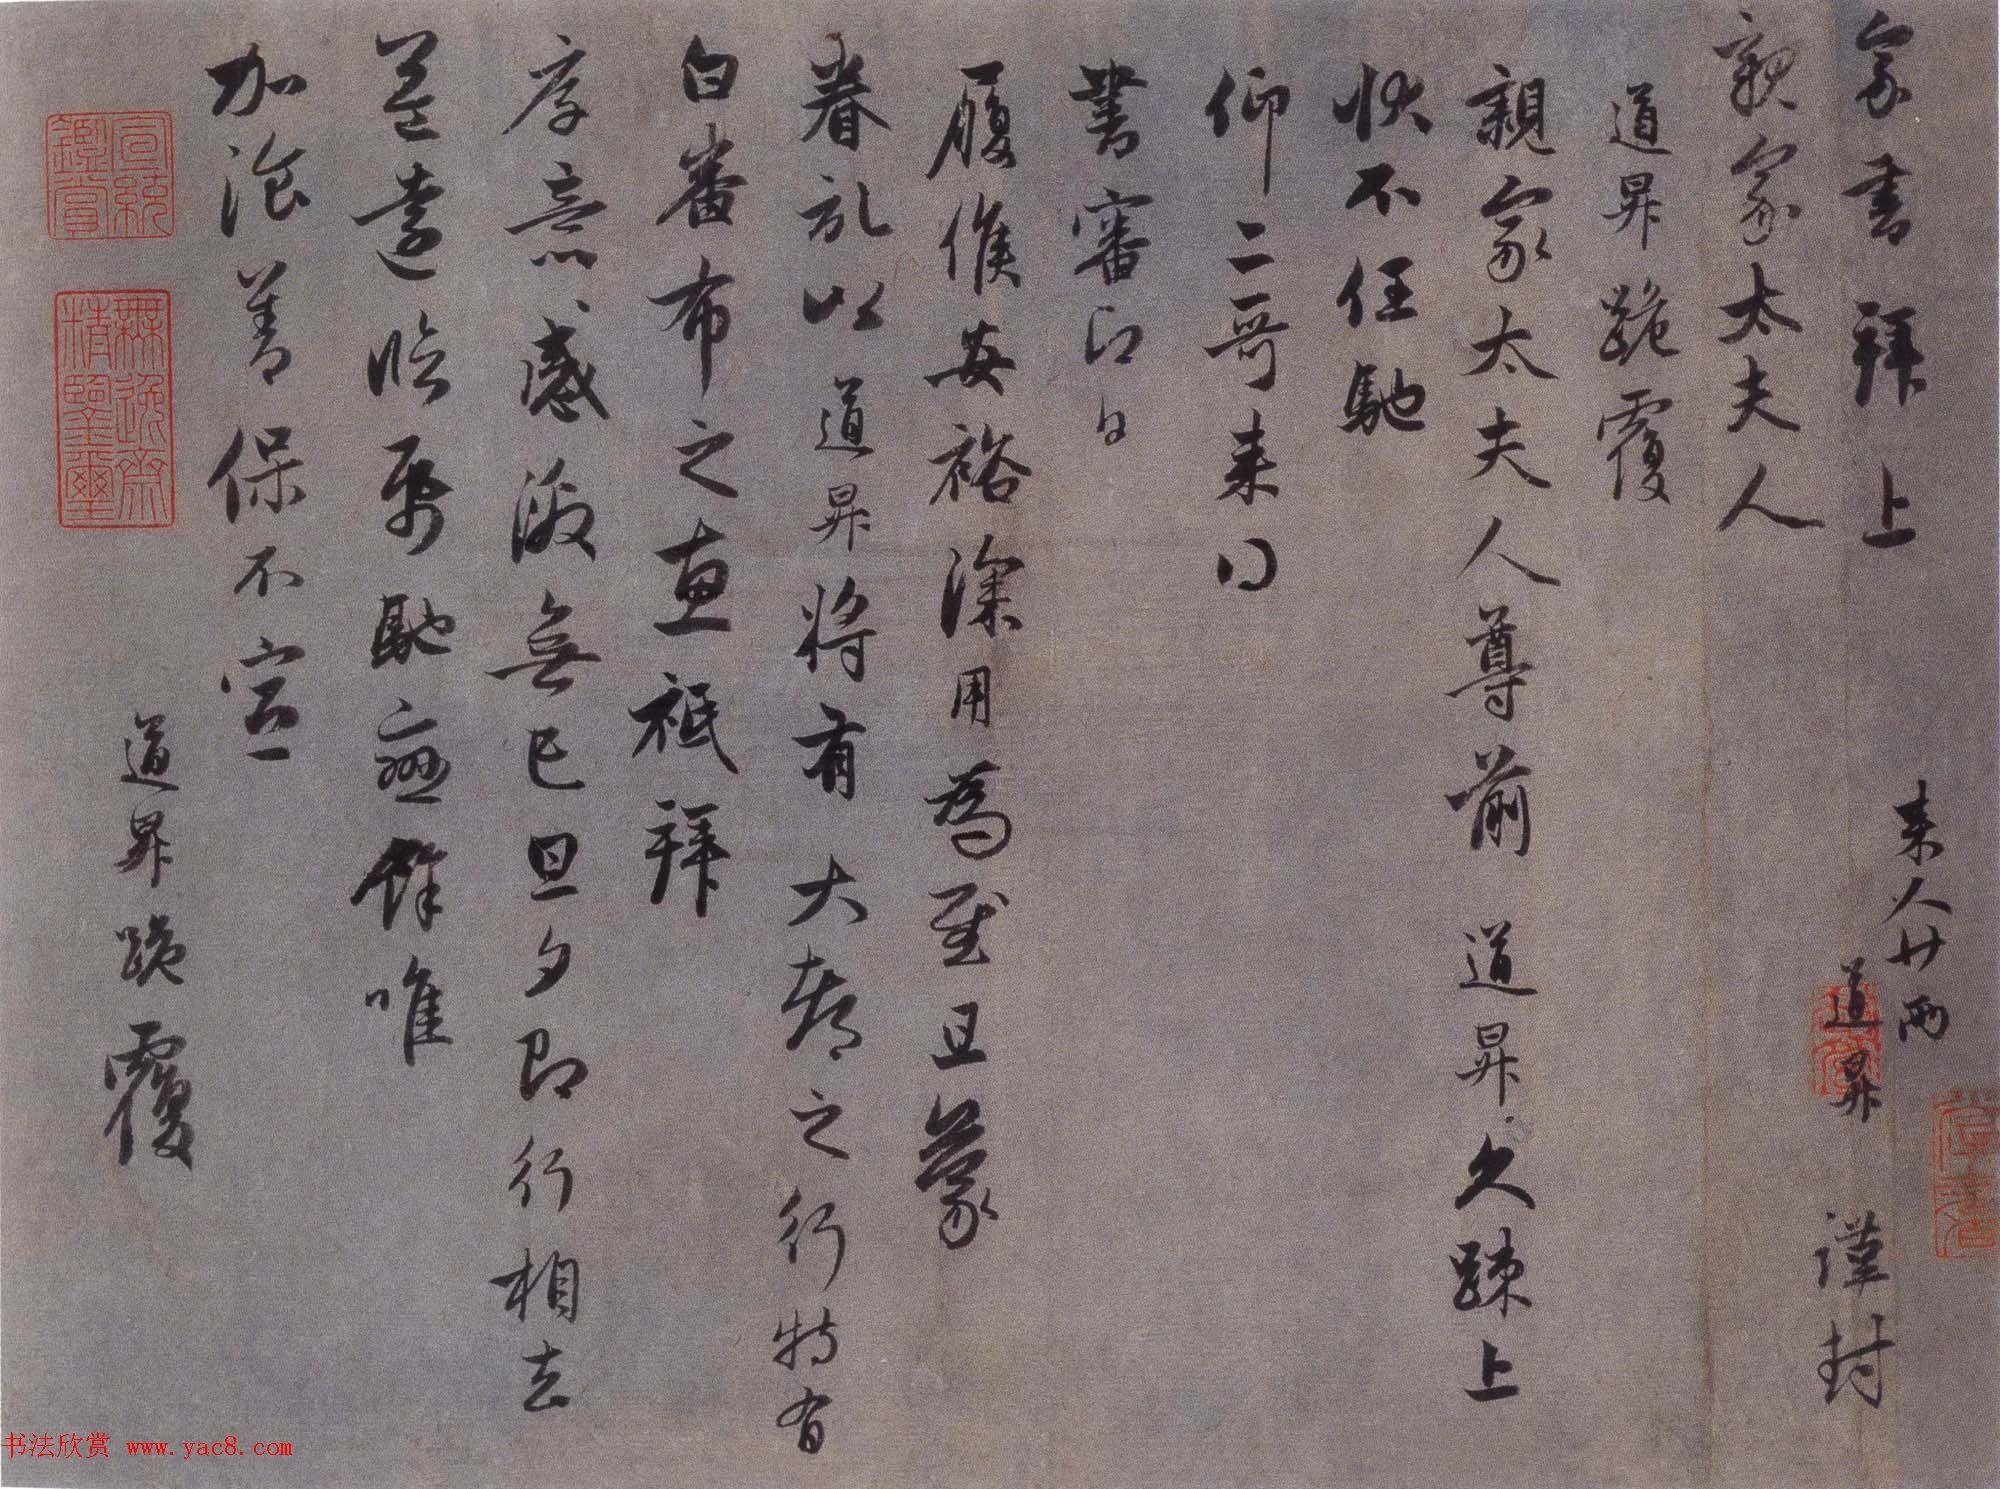 赵孟頫行草书欣赏《久疏上状帖》